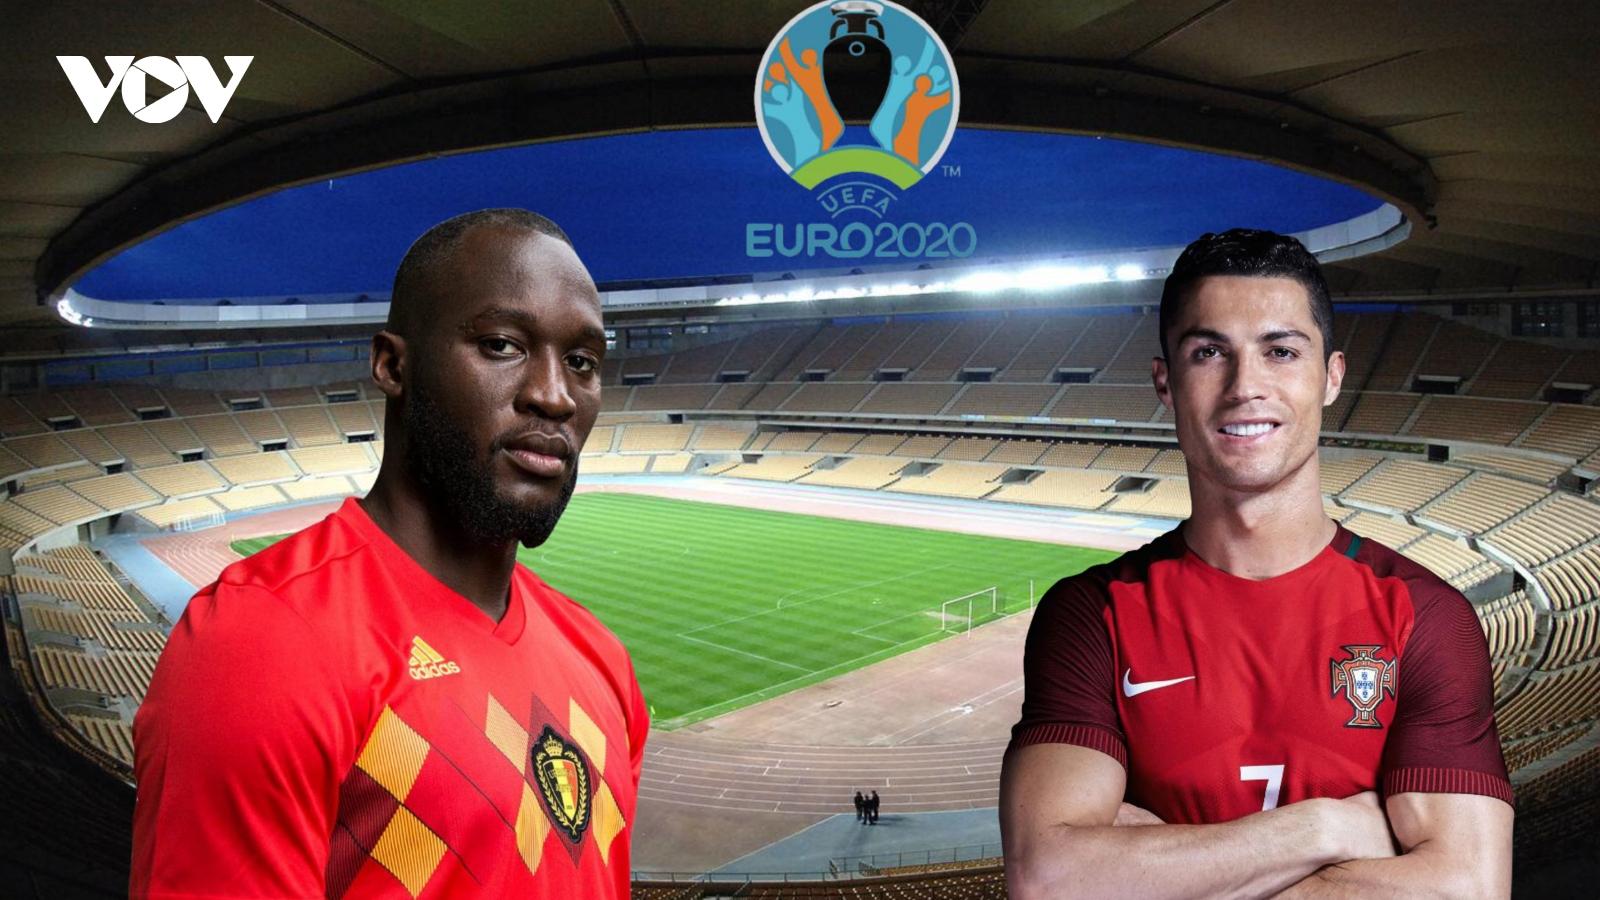 Vòng 1/8 EURO 2021 Bỉ - Bồ Đào Nha: Lukaku đối đầu Ronaldo